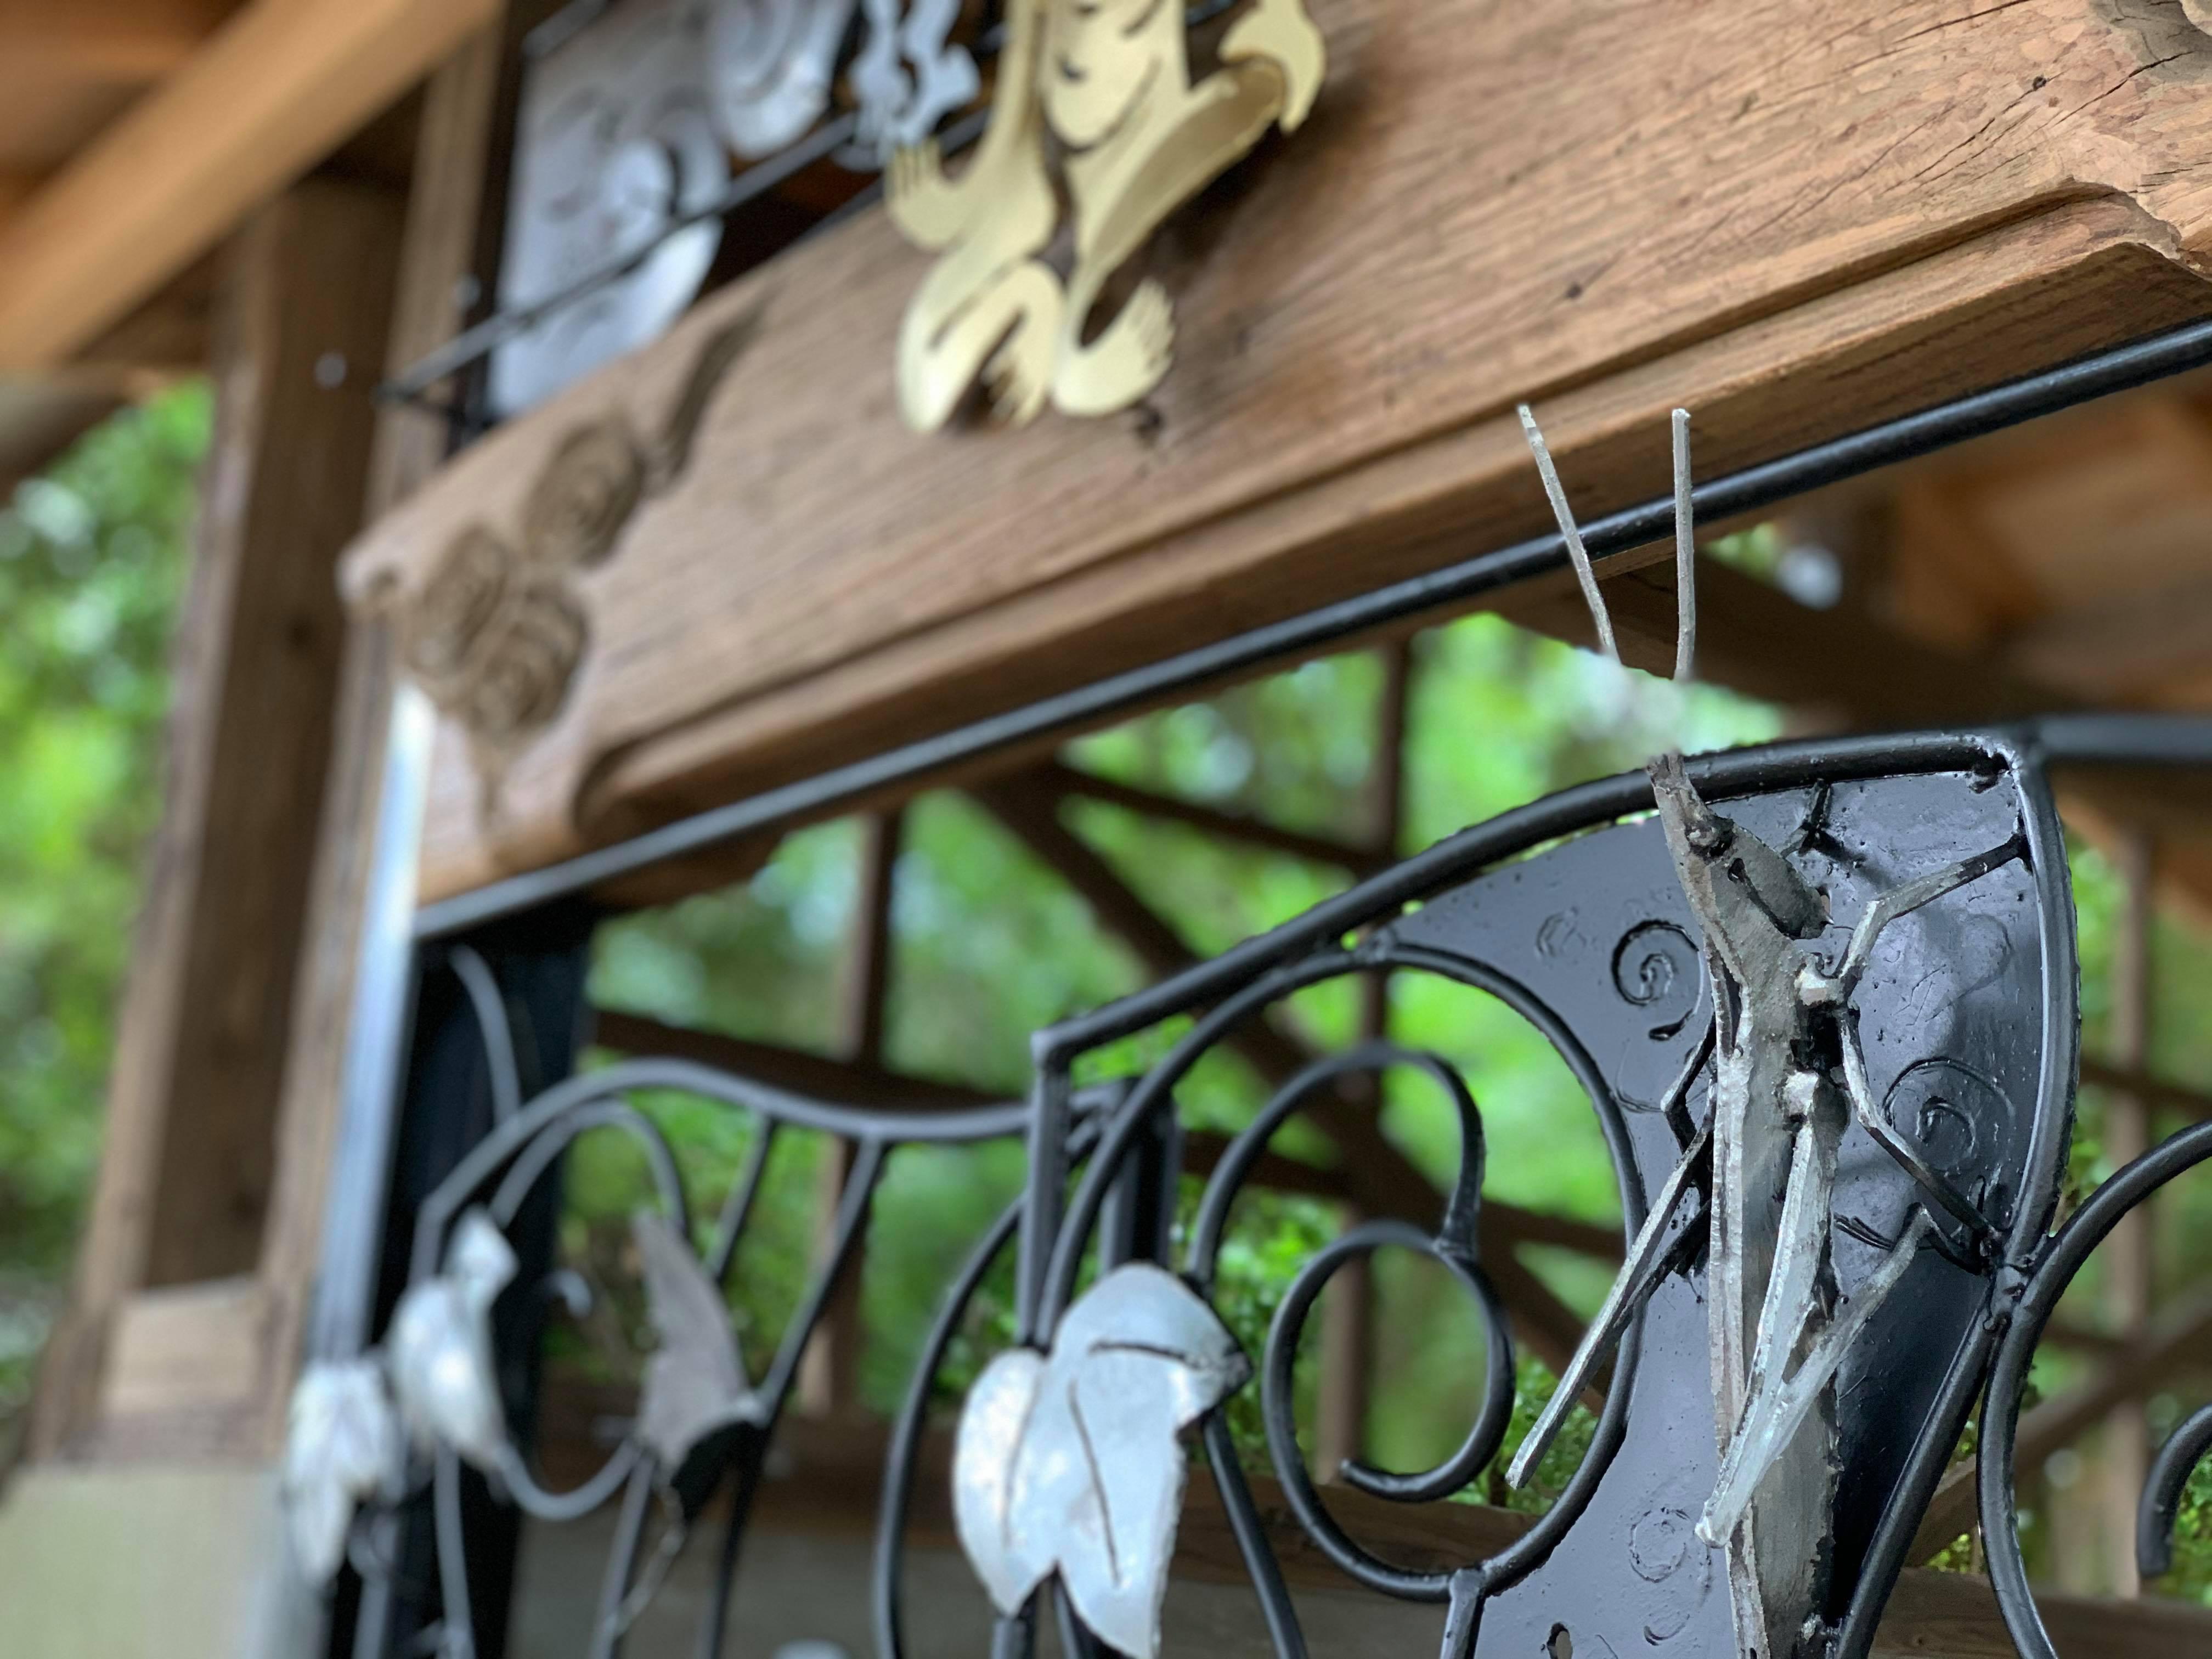 福岡県飯塚市鯰田の「疫神社」へアートな門扉を奉納いたしました